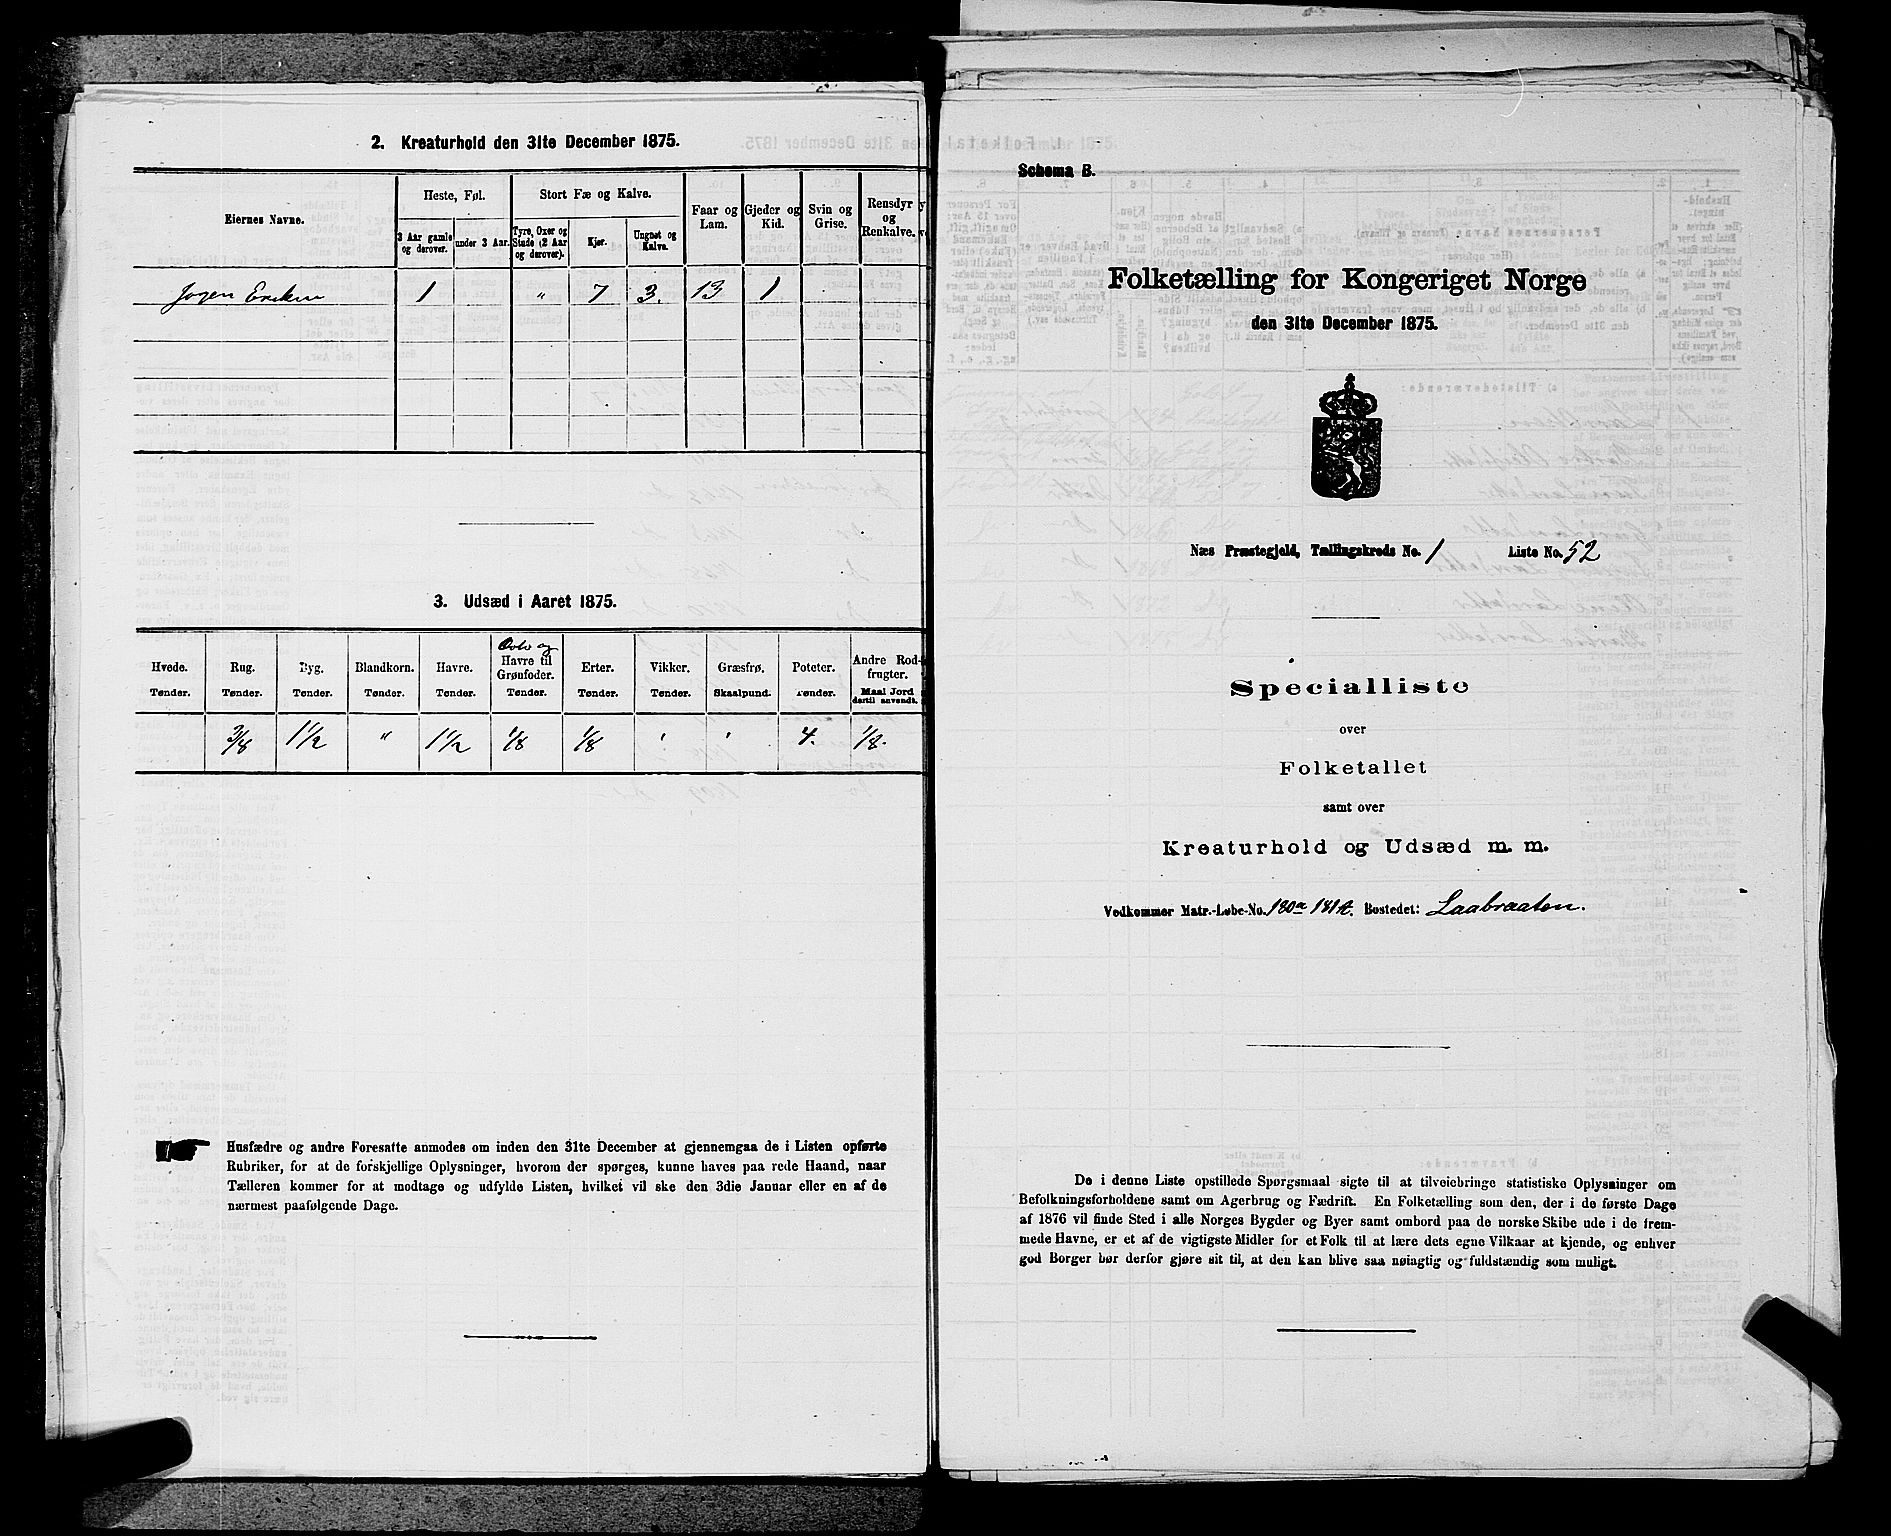 SAKO, Folketelling 1875 for 0616P Nes prestegjeld, 1875, s. 109